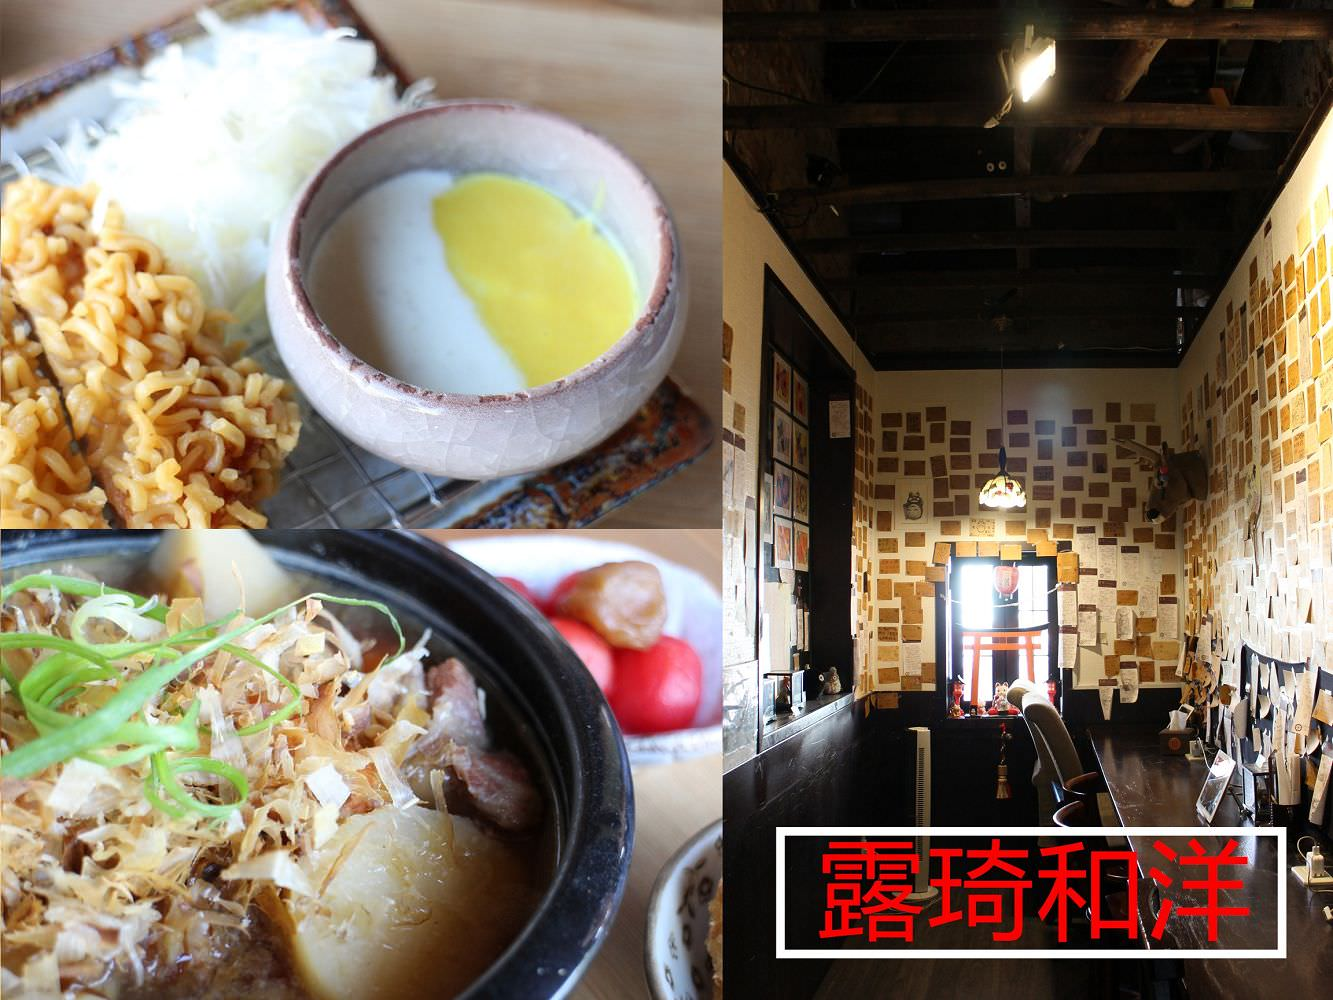 屏東美食|露琦和洋餐廳:在日式建築裡,欣賞龍貓、品嘗和風菜色,一整個很日本哪!日本動漫迷、宮崎駿粉絲一定要來喔!